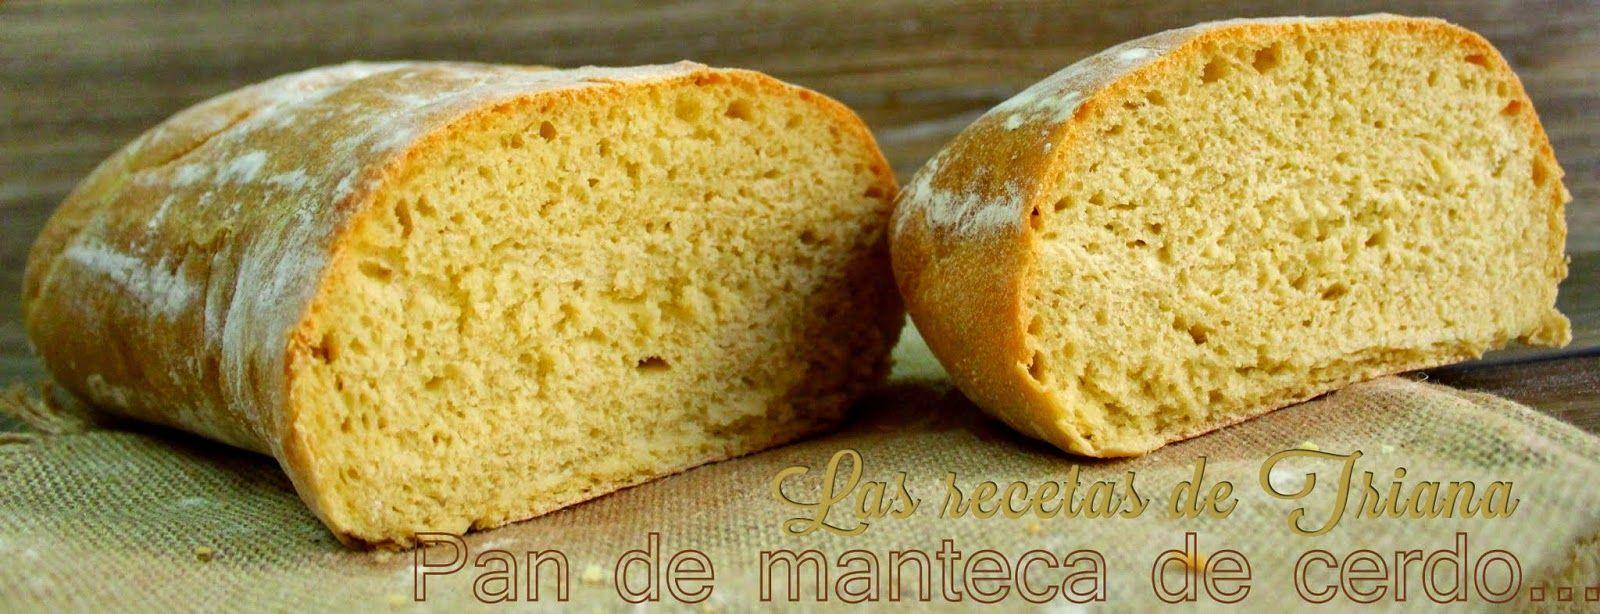 Las recetas de Triana: Pan de manteca de cerdo